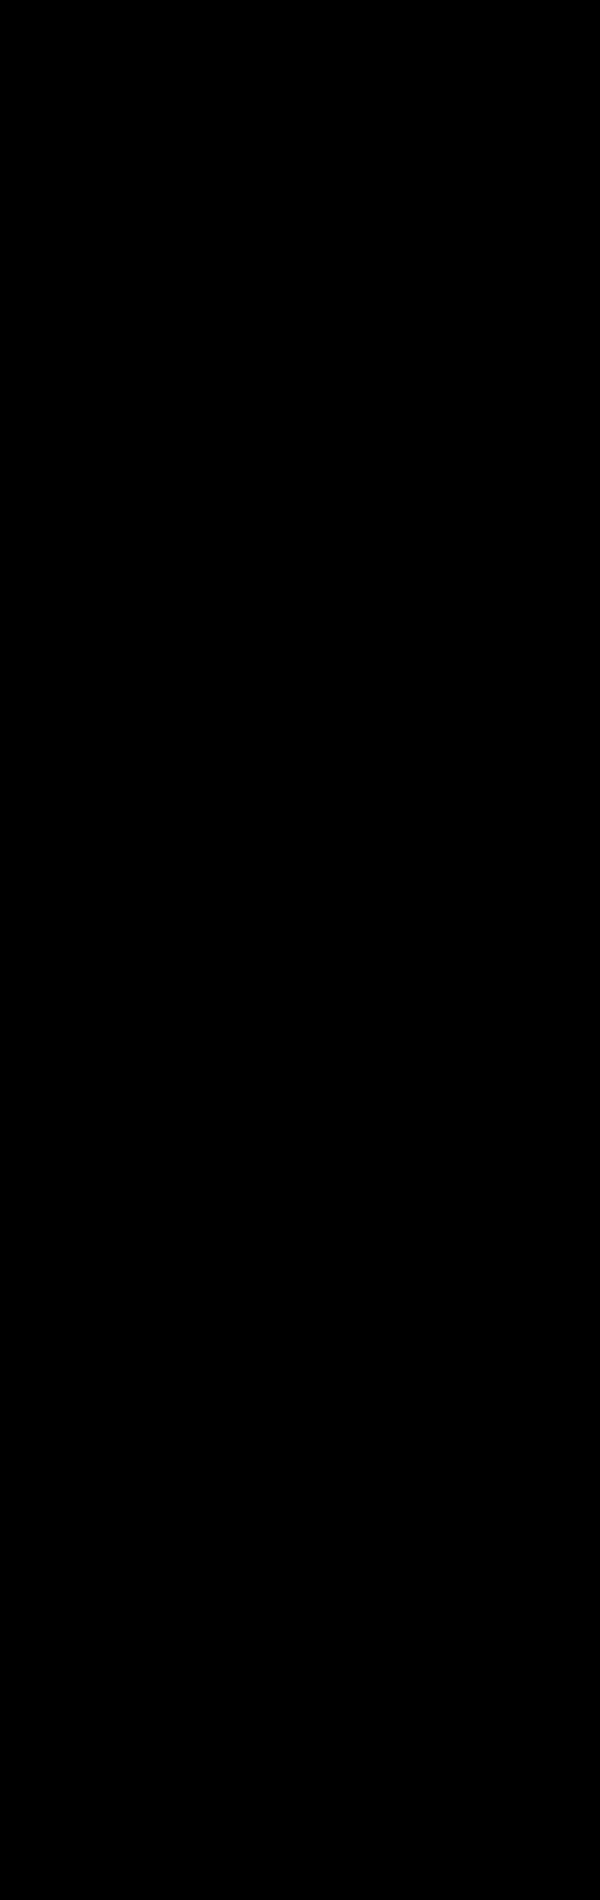 VampireMistressKayla 34 7 Irken Logos By Scypod